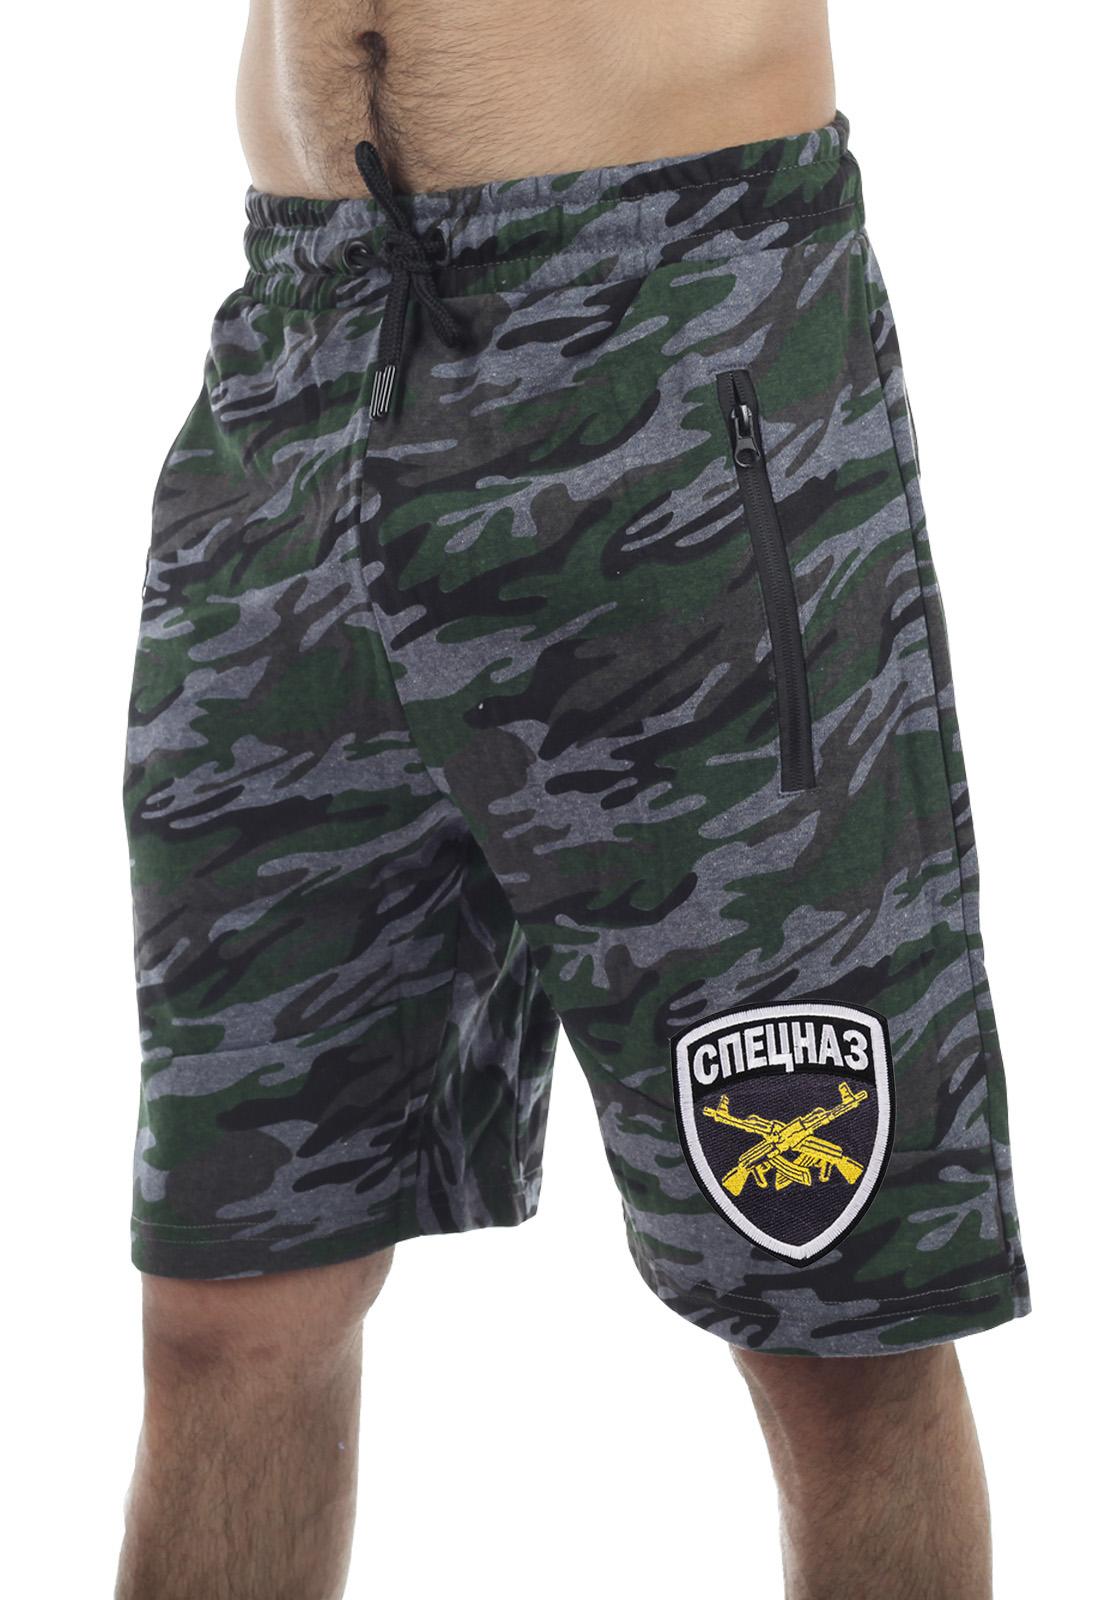 Спецназовские мужские шорты Woodland